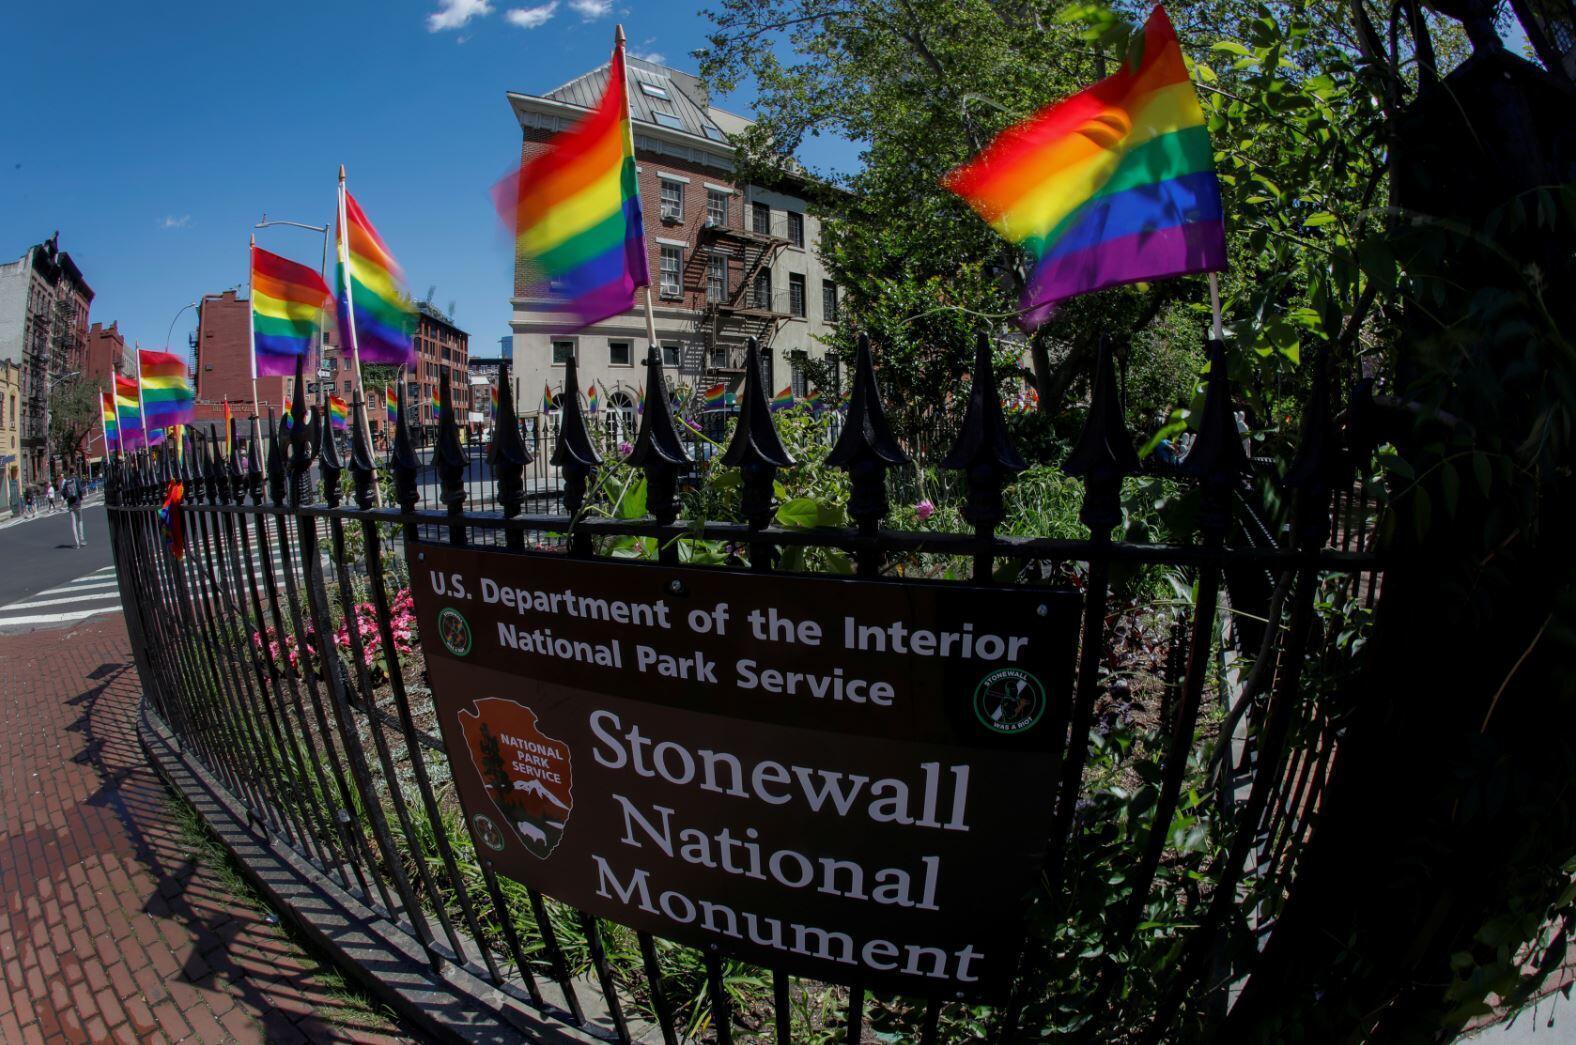 В 2016 году указом Барака Обамы «Стоунволл-инн» стал национальным памятником